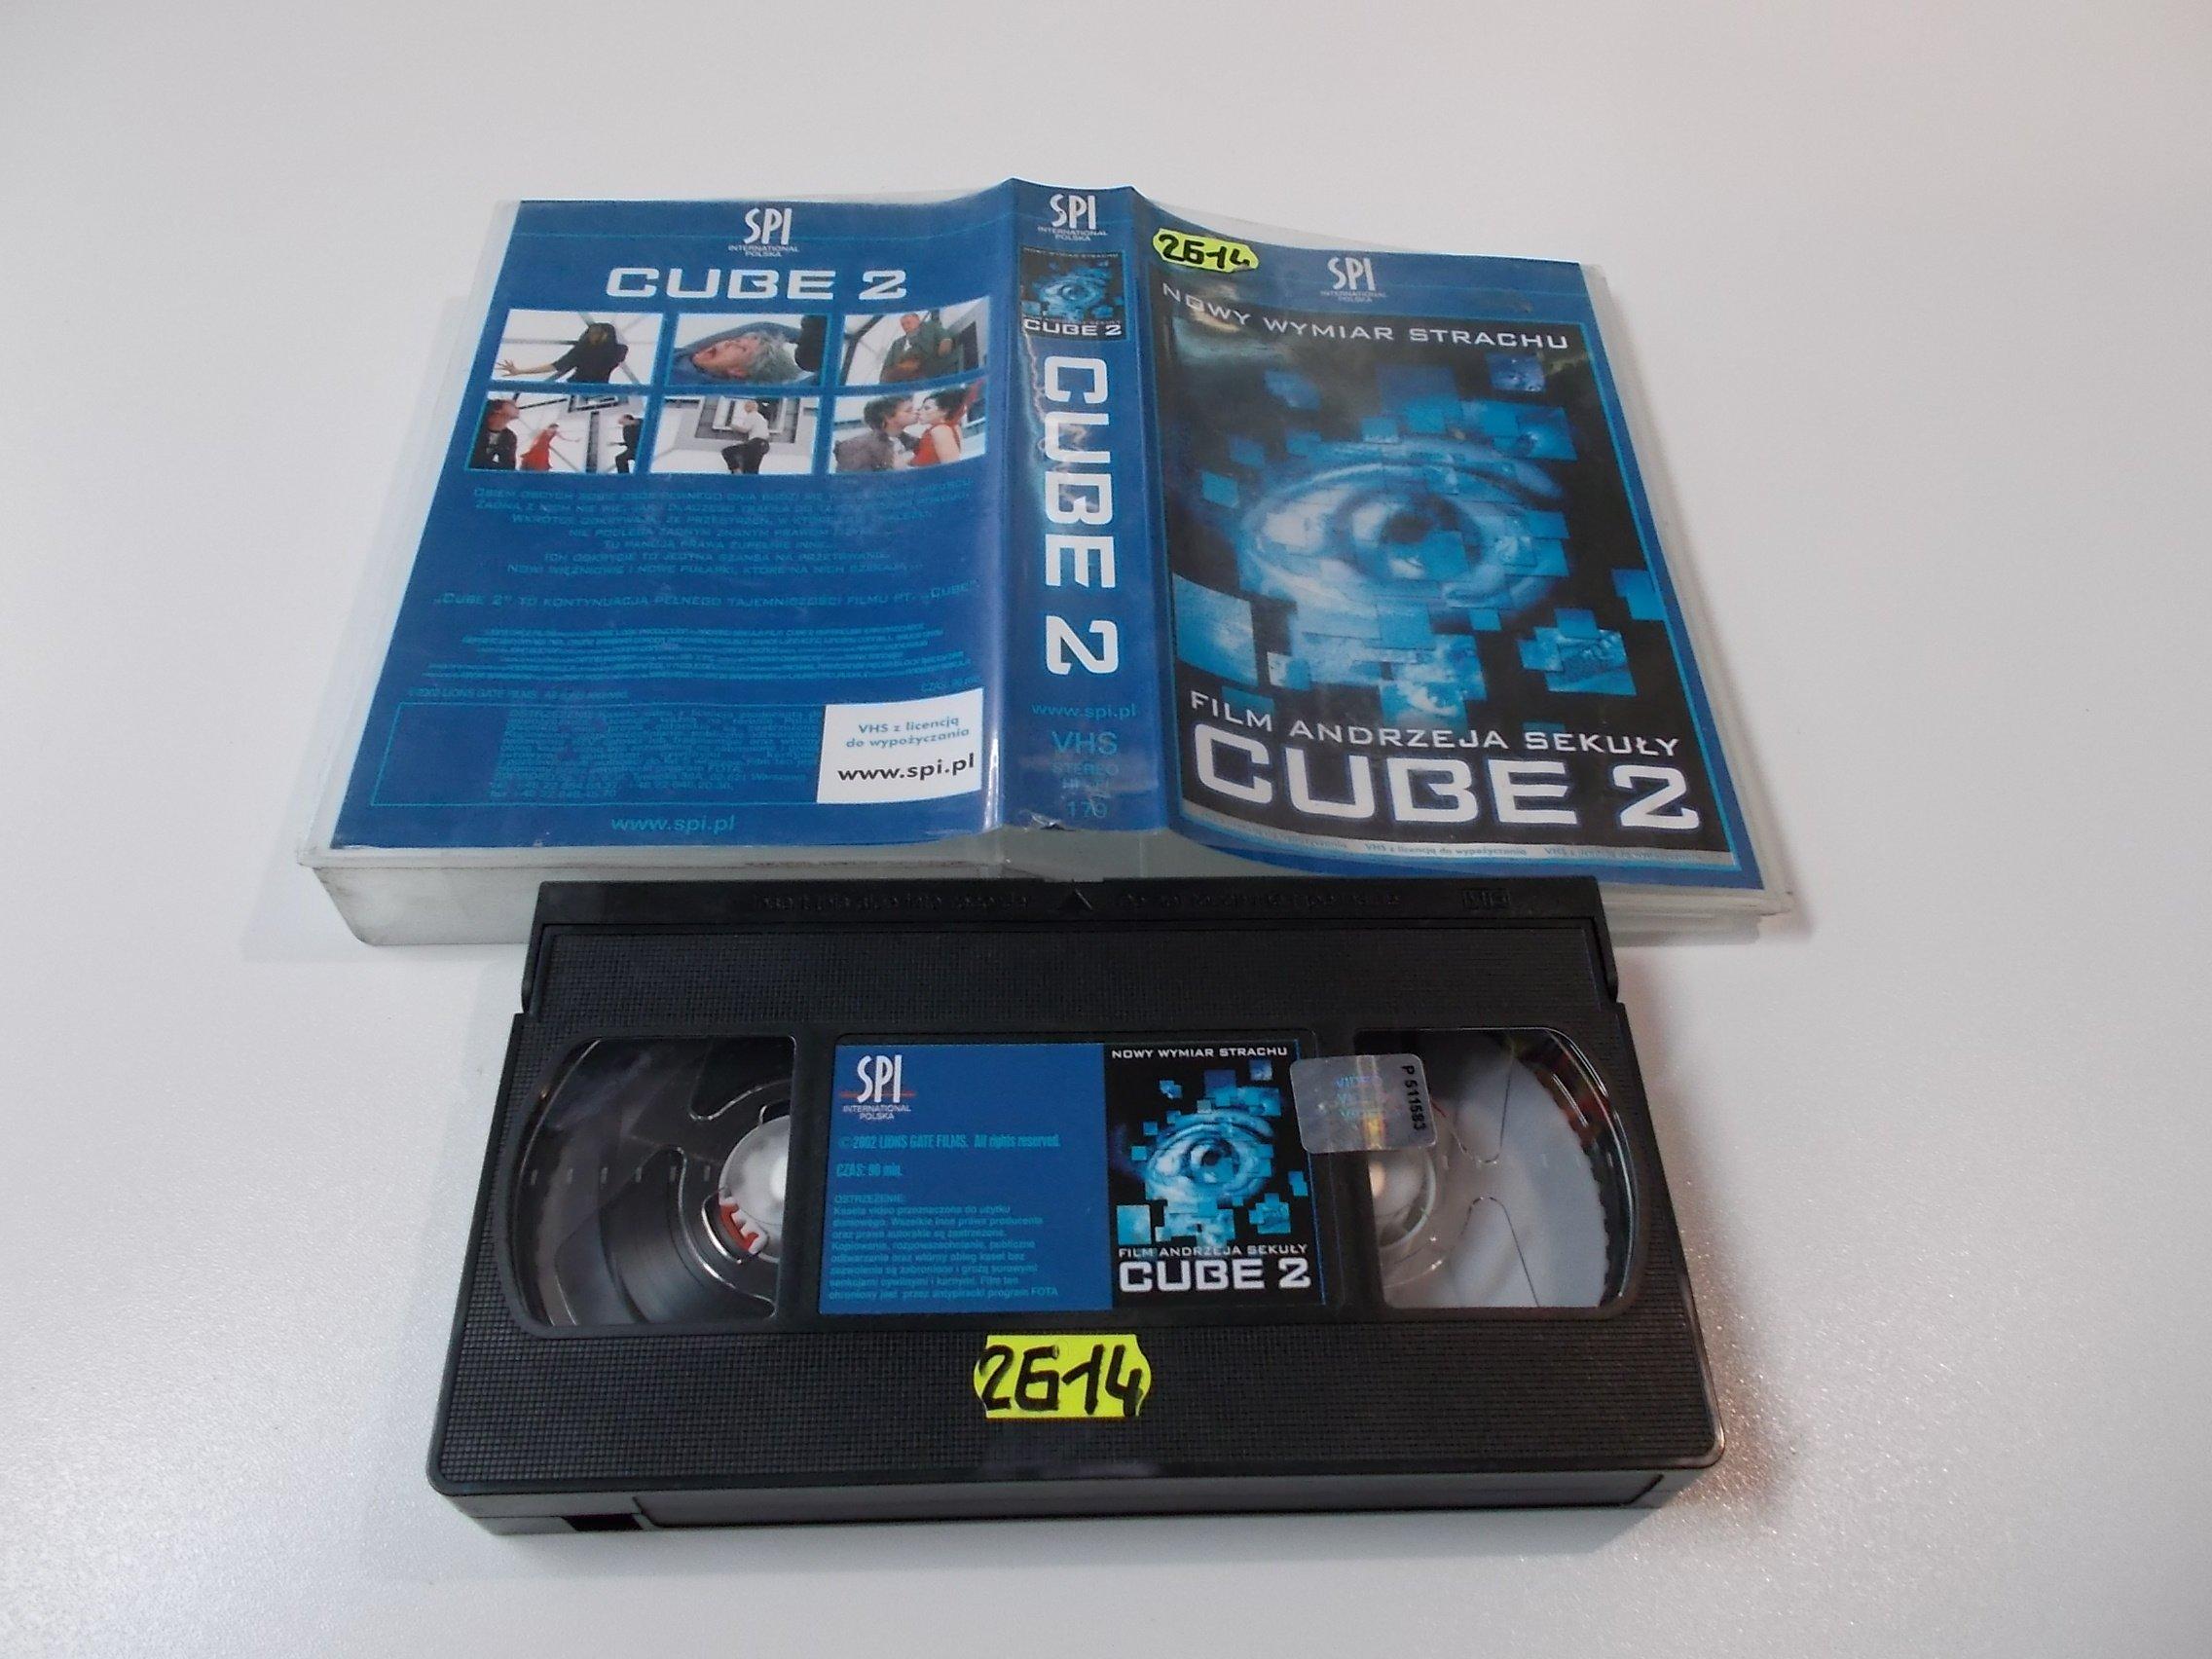 CUBE 2 - Kaseta Video VHS - Opole 1562